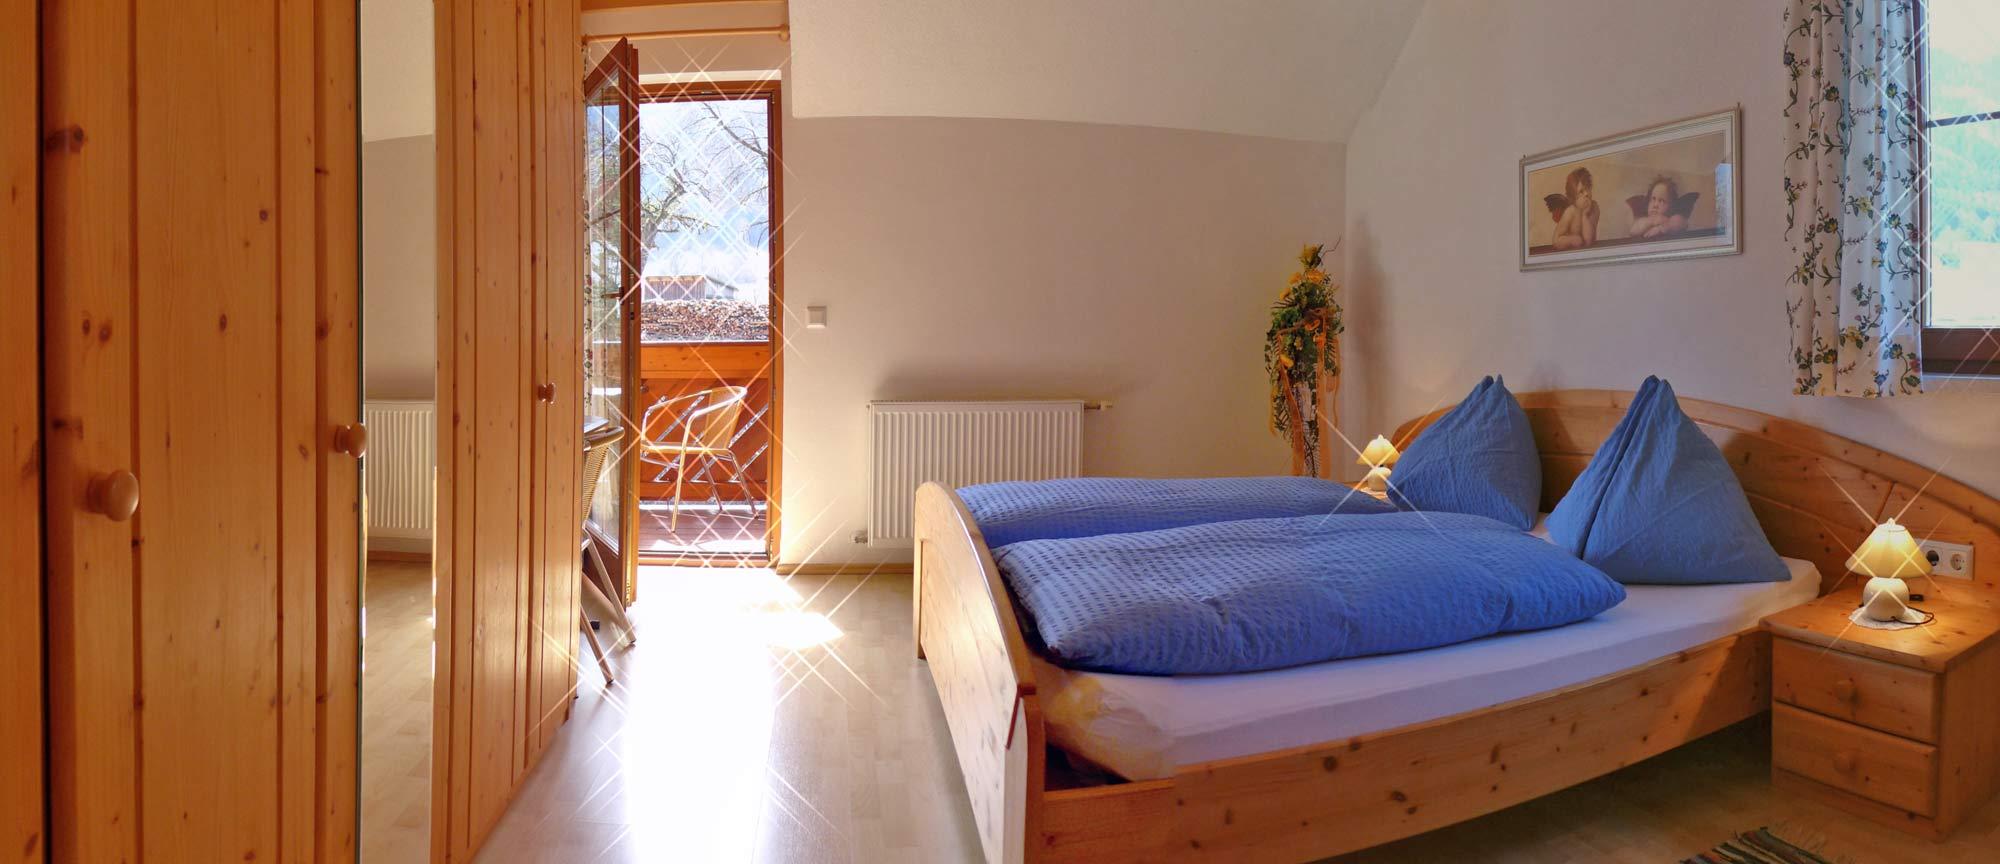 Das Schlafzimmer der Ferienwohnung Doreen